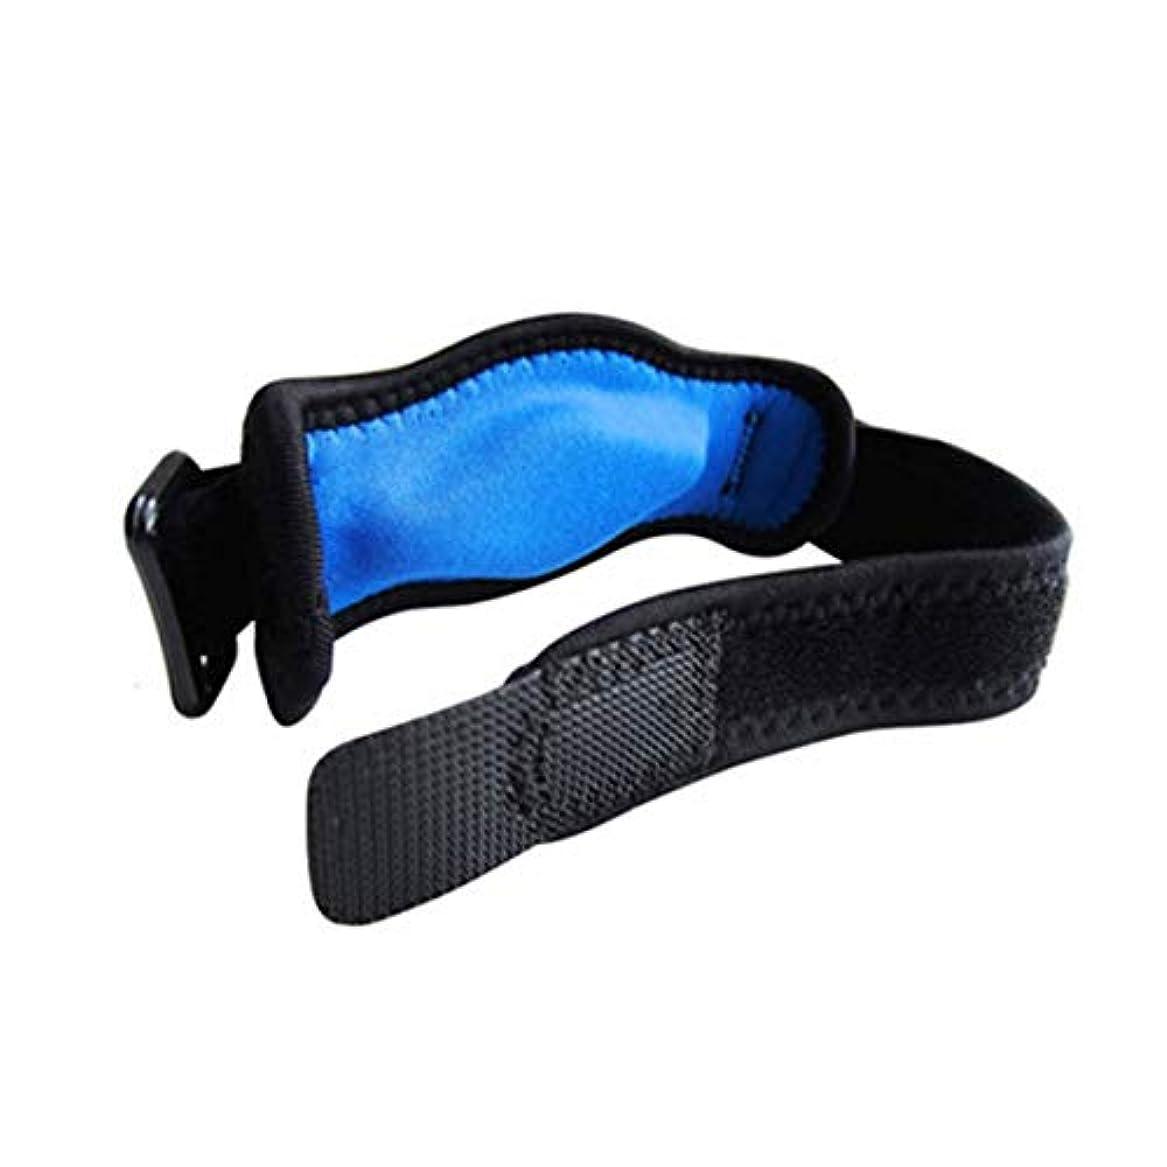 興奮するメルボルン滑りやすい調節可能なテニス肘サポートストラップブレースゴルフ前腕痛み緩和 - 黒